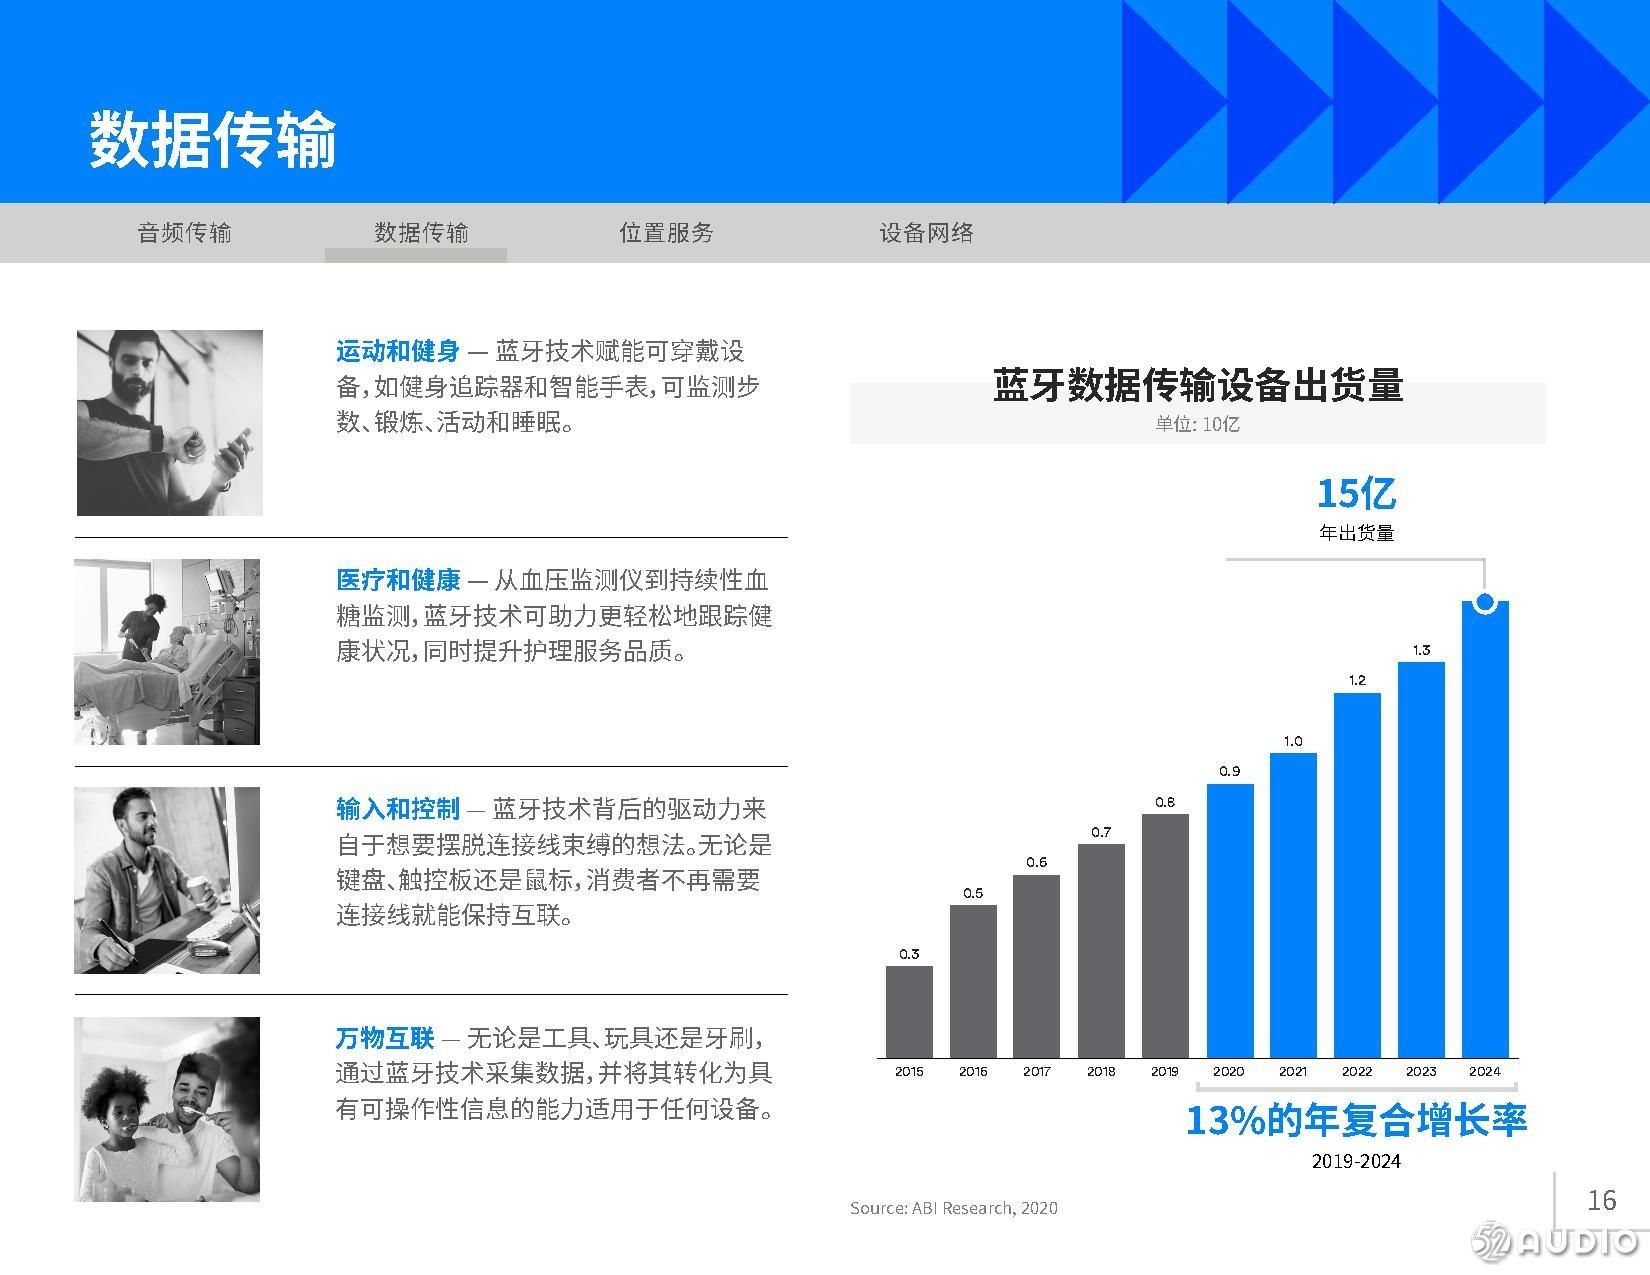 收藏:《2020年蓝牙市场最新行业报告》发布,未来蓝牙音频市场将呈现巨幅增长态势-我爱音频网